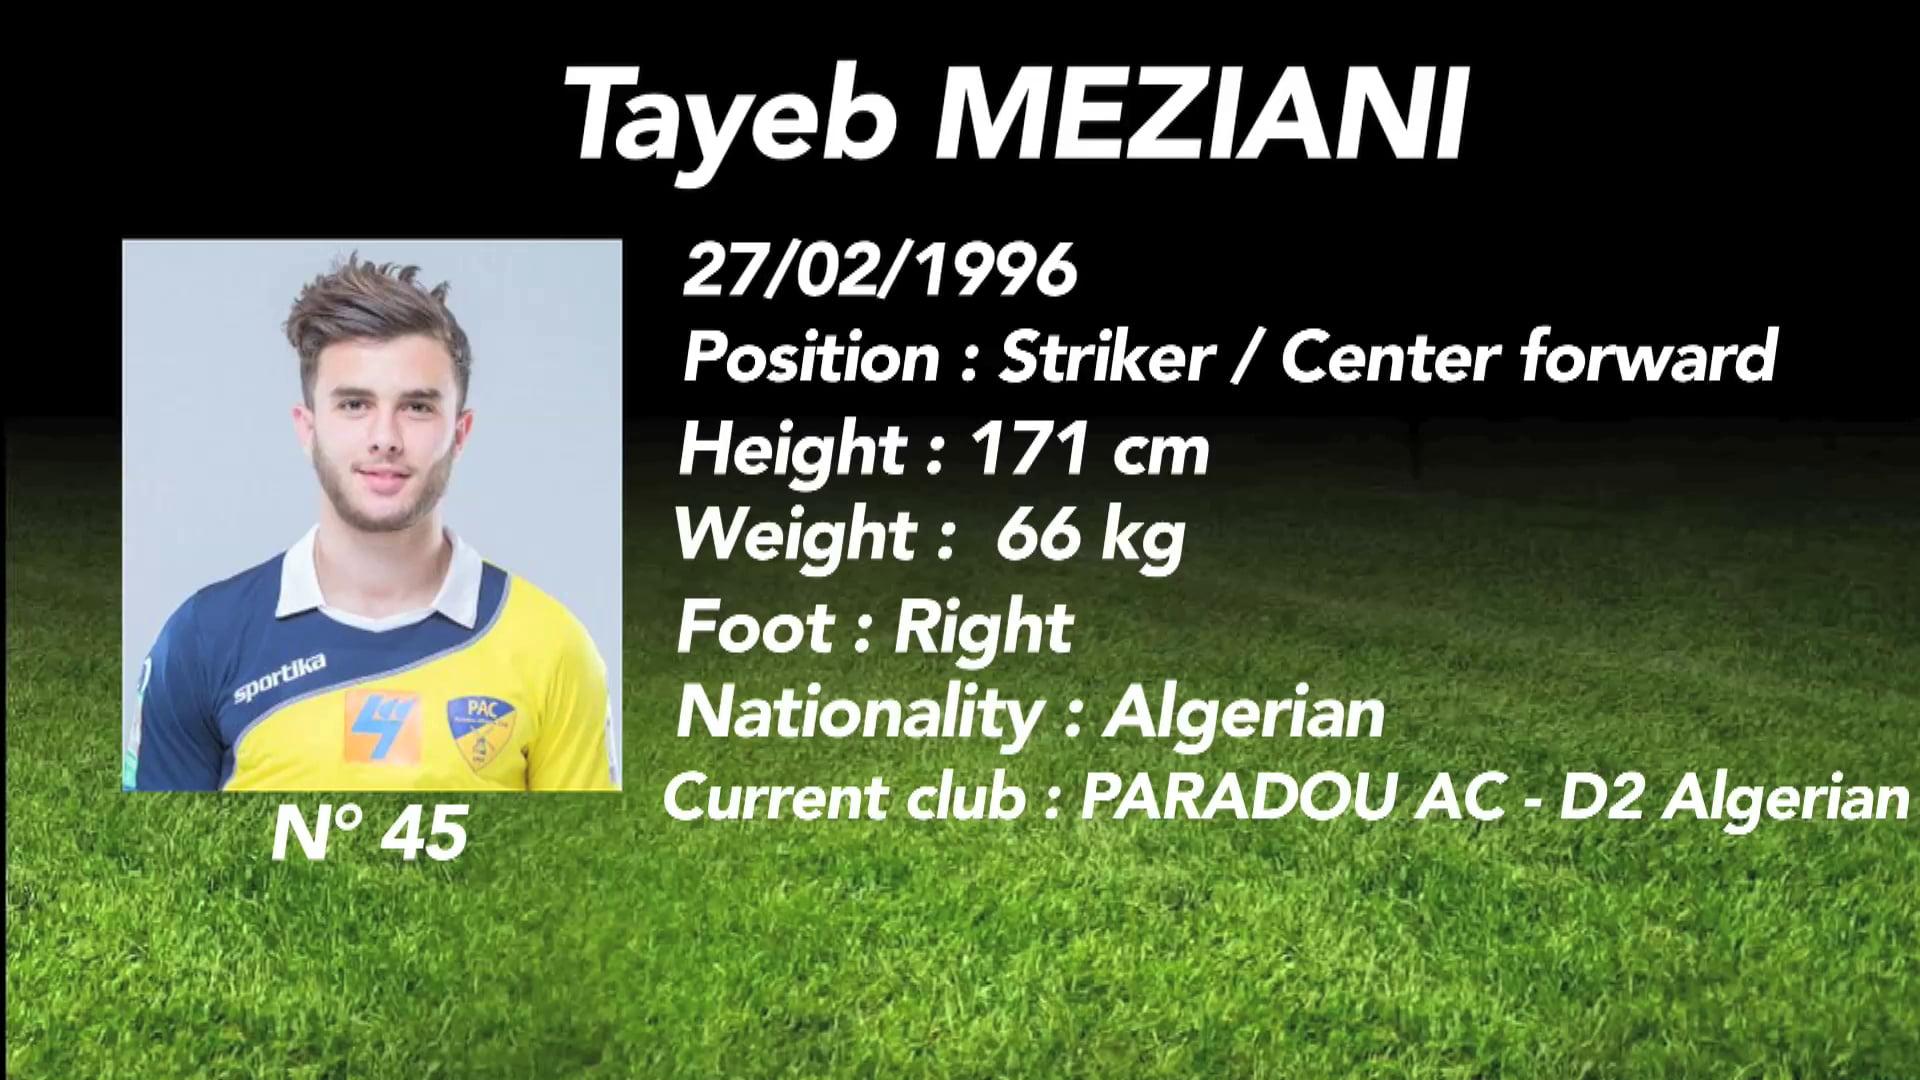 Tayeb Meziani JMG Academy Paradou AC D1 Algerian